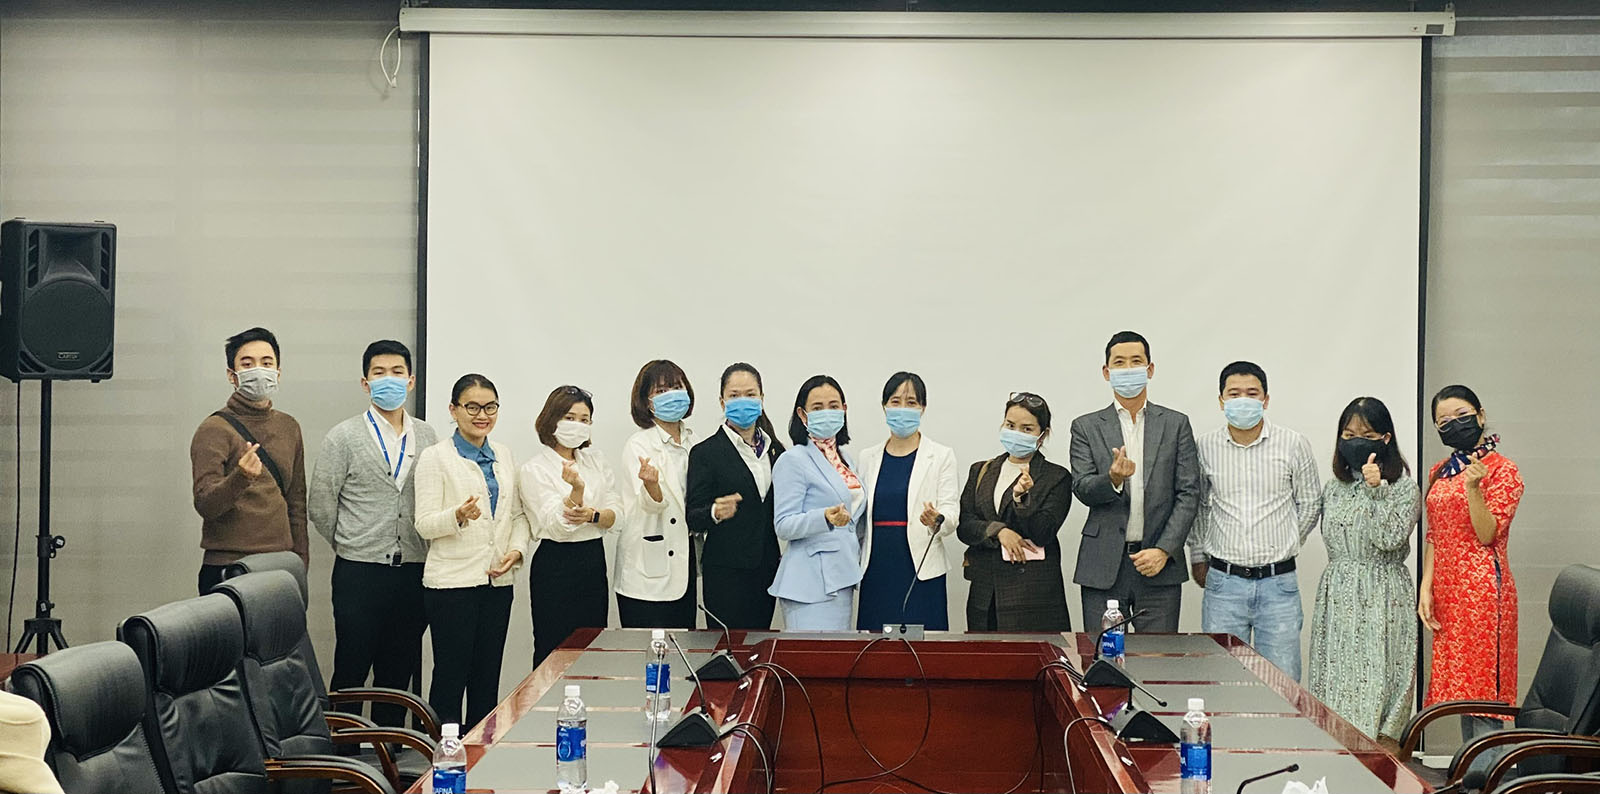 Duy trì hình ảnh điểm đến Đà Nẵng tại thị trường trọng điểm Hàn Quốc